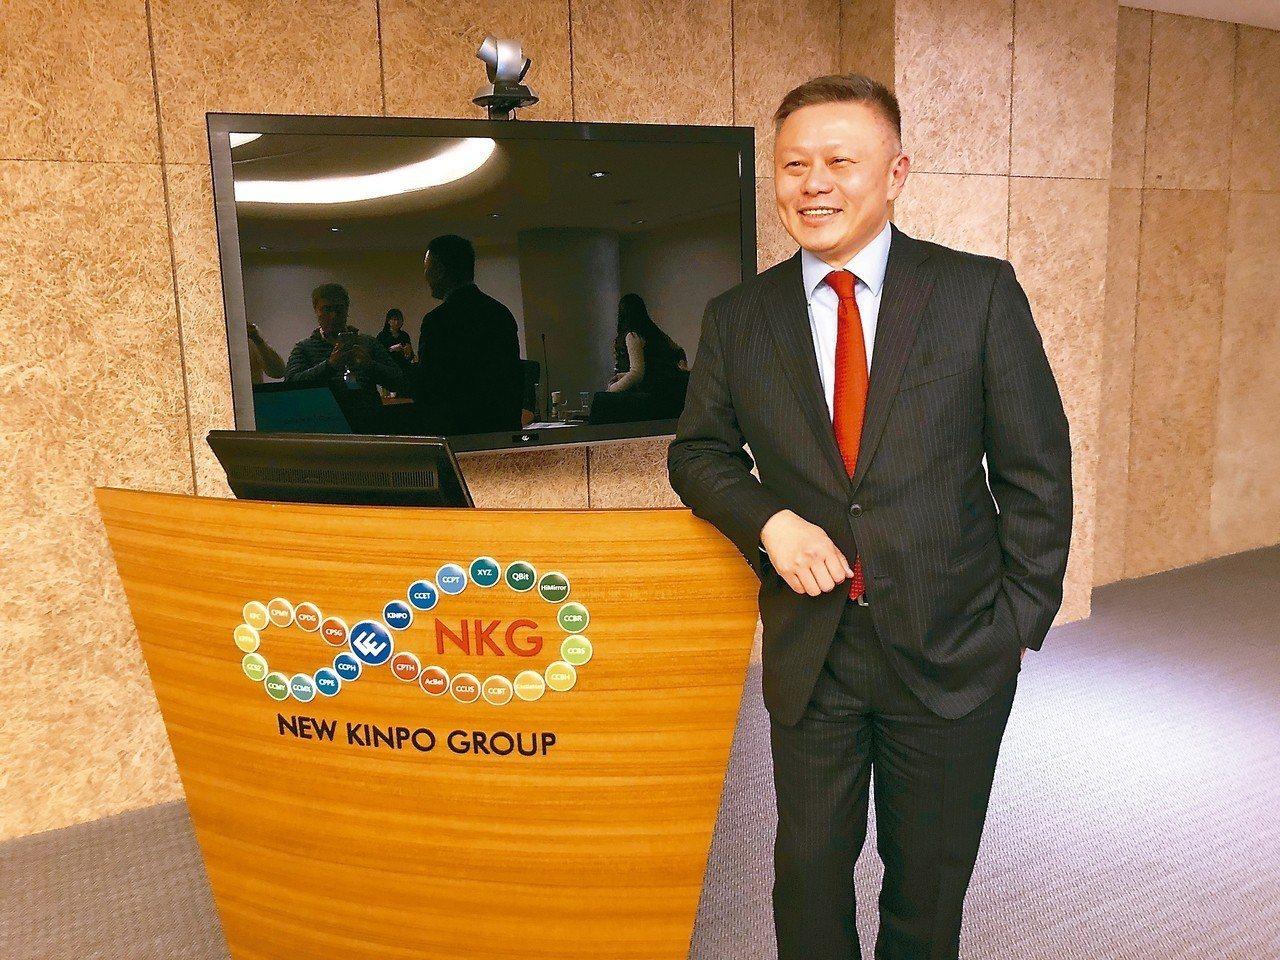 金寶總經理沈軾榮說,公司在東南亞深耕很久,提早布局拿到很好的成長機會。 記者吳凱...